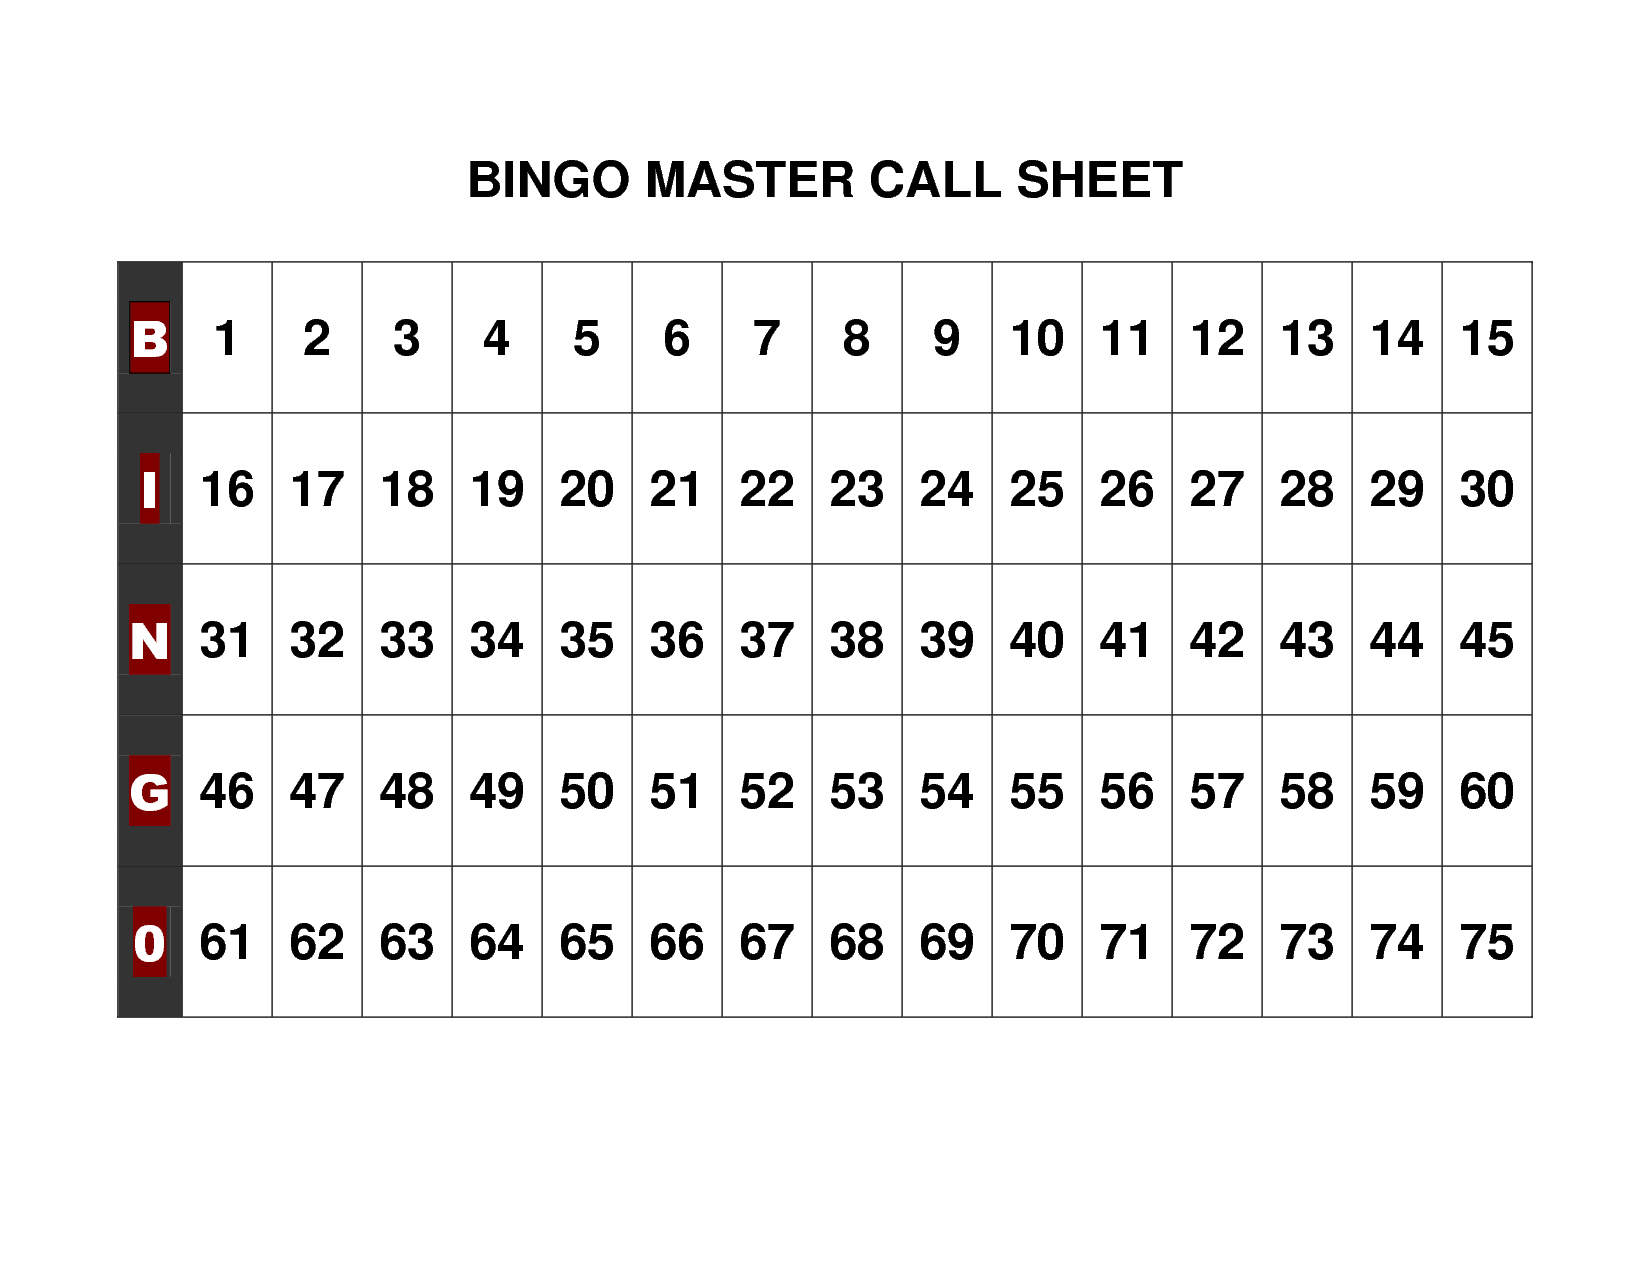 Free+Printable+Bingo+Call+Sheet | Bingo | Bingo Calls, Bingo, Free - Free Printable Bingo Cards And Call Sheet